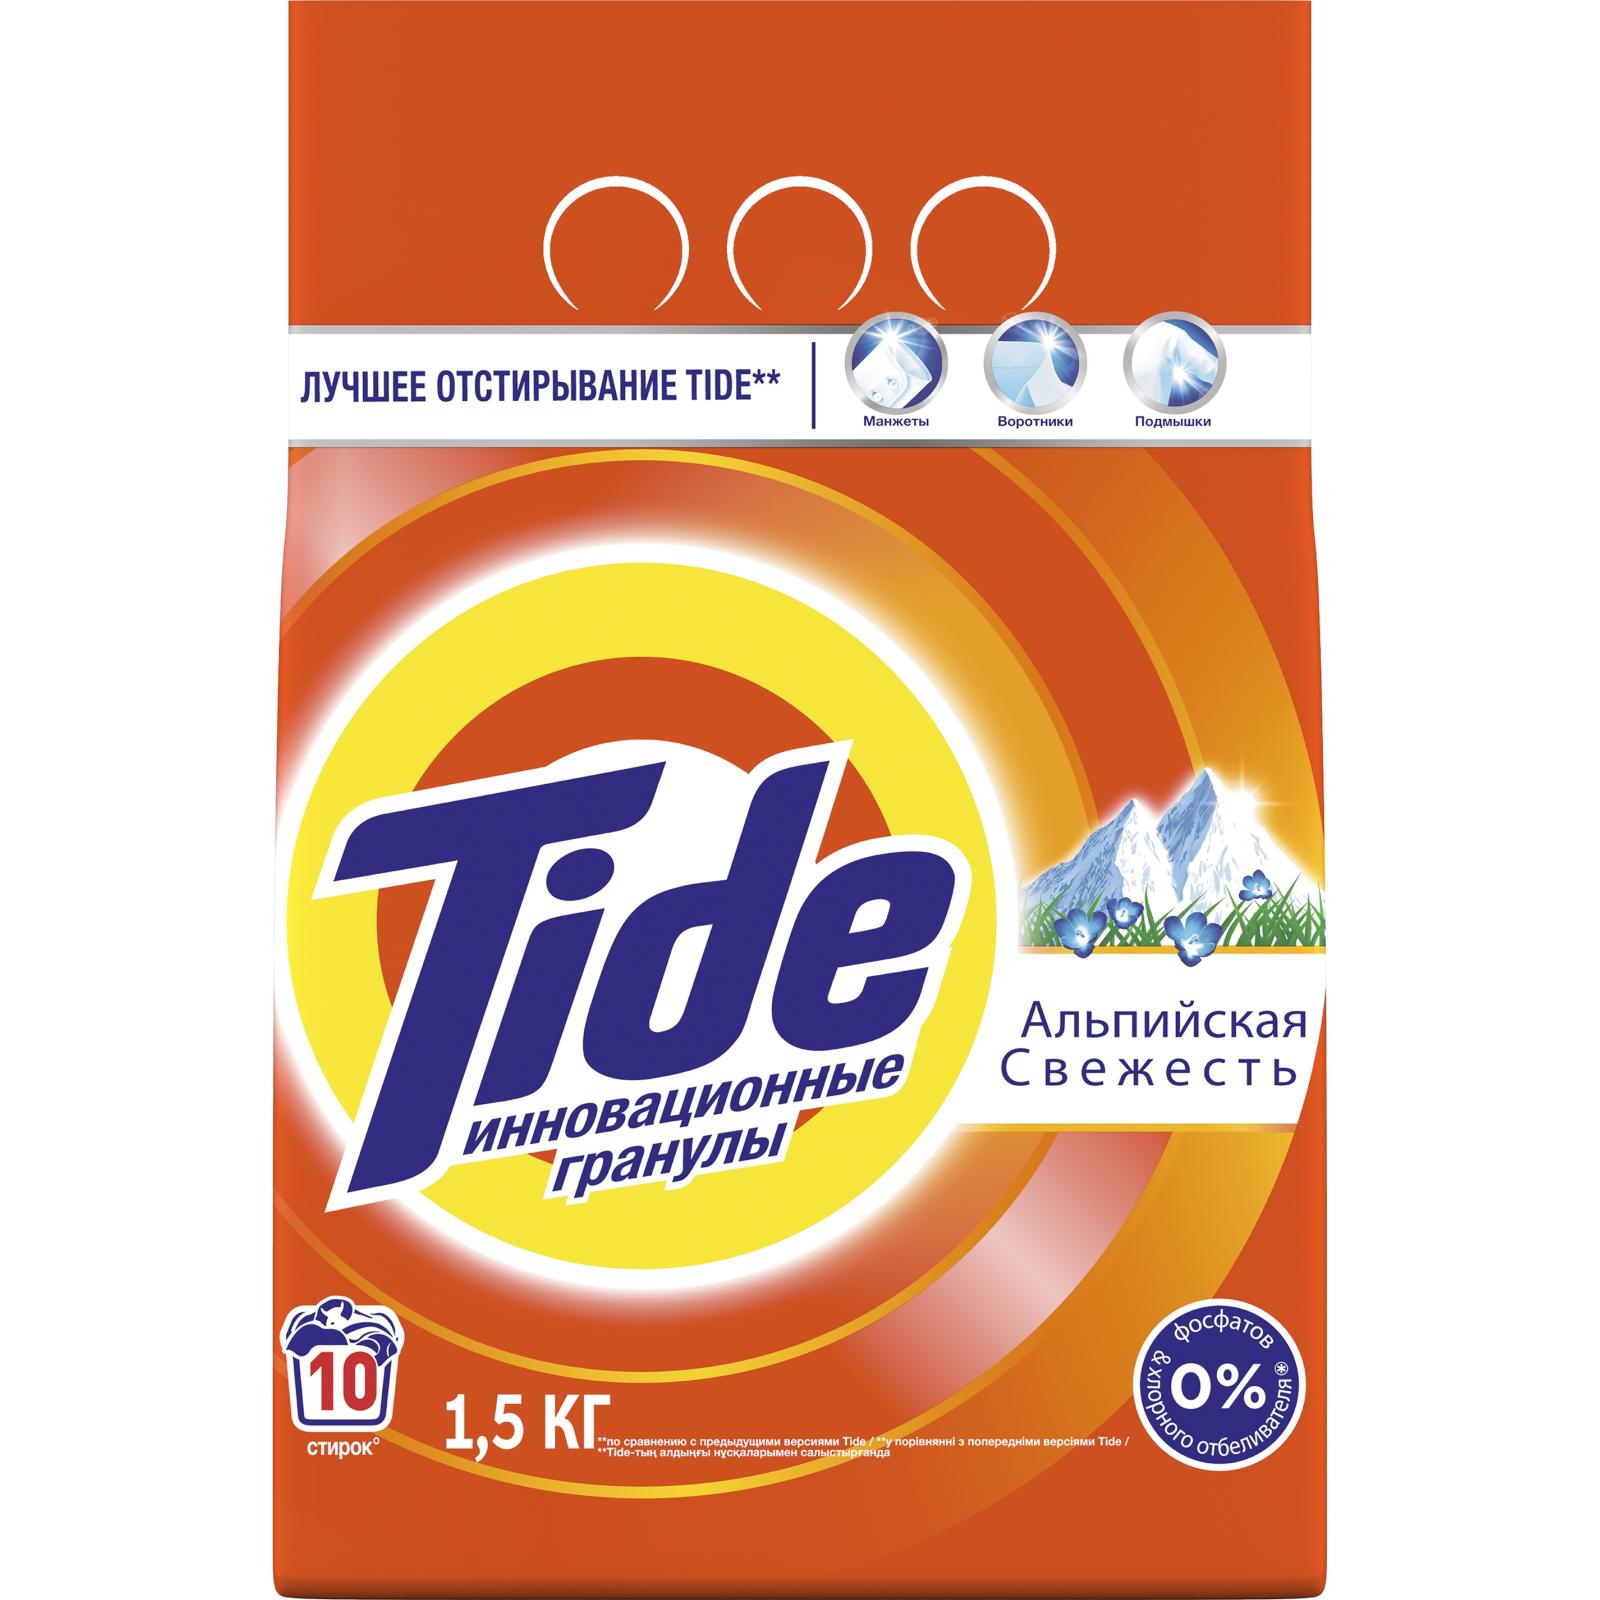 Стиральный порошок Tide Альпийская свежесть 1,5 кг (5413149343580)